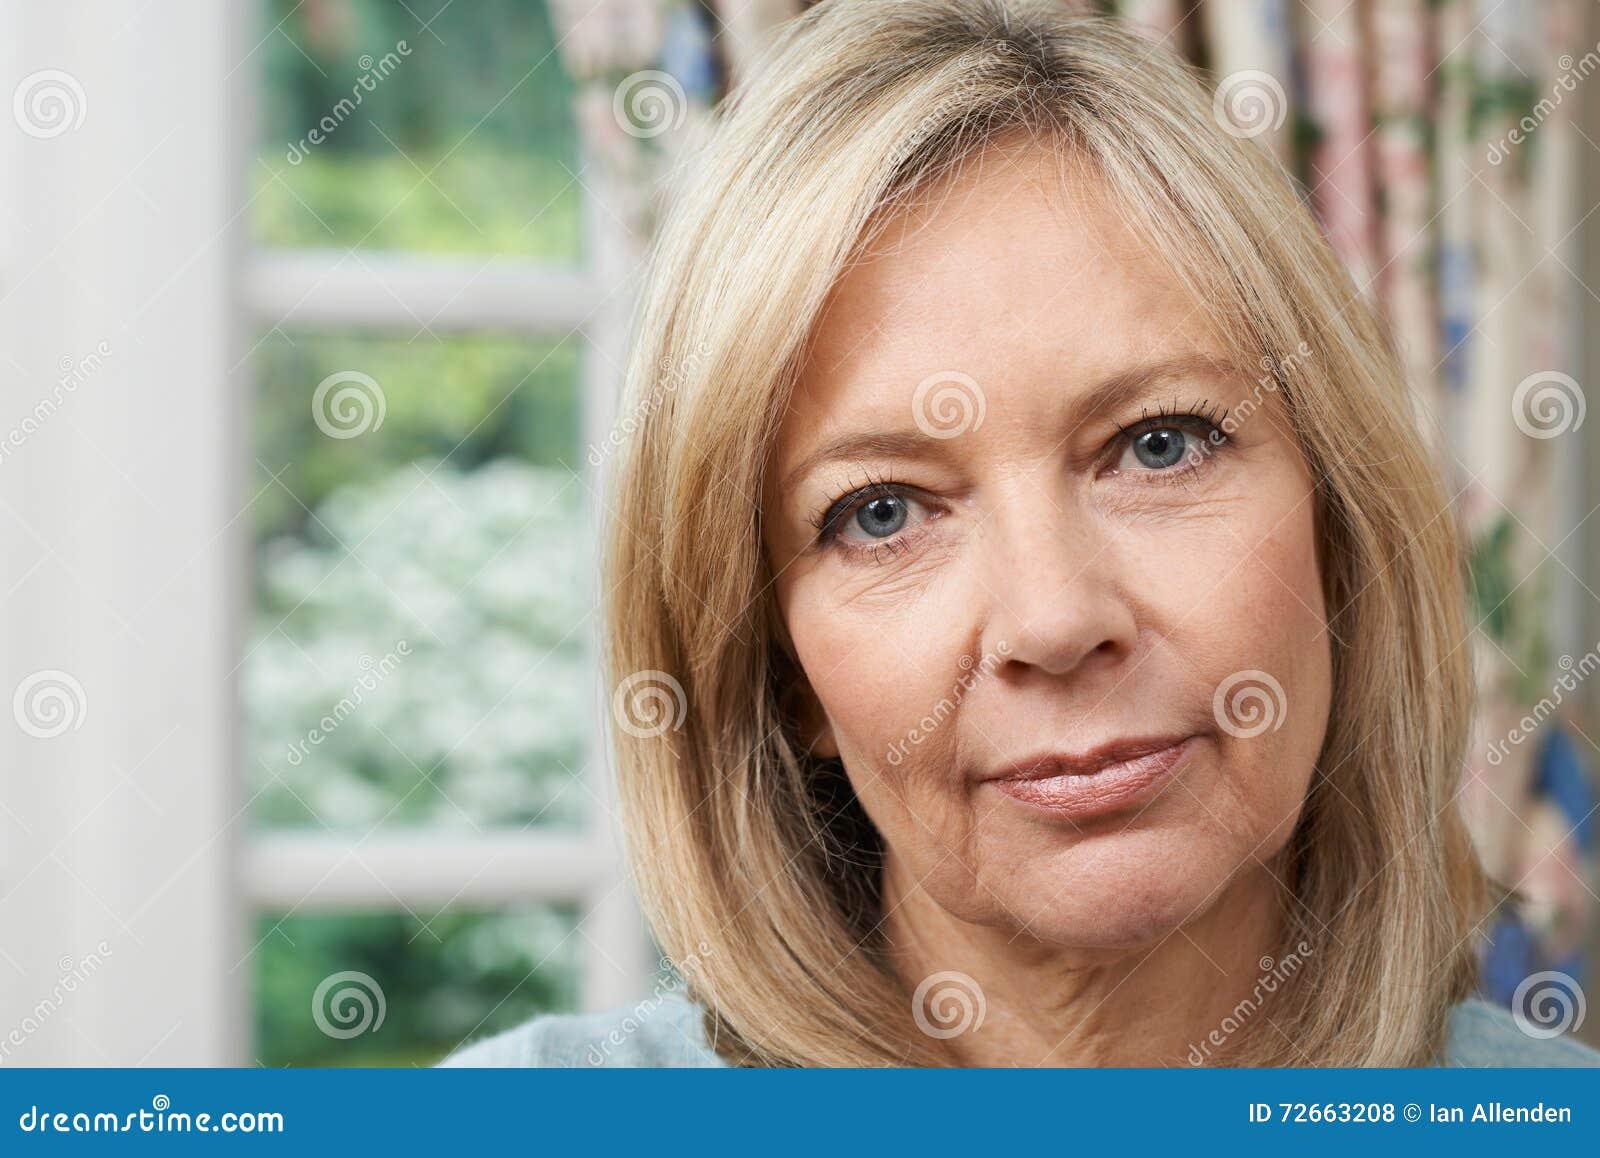 Επικεφαλής και πορτρέτο ώμων της δυστυχισμένης ώριμης γυναίκας στο σπίτι